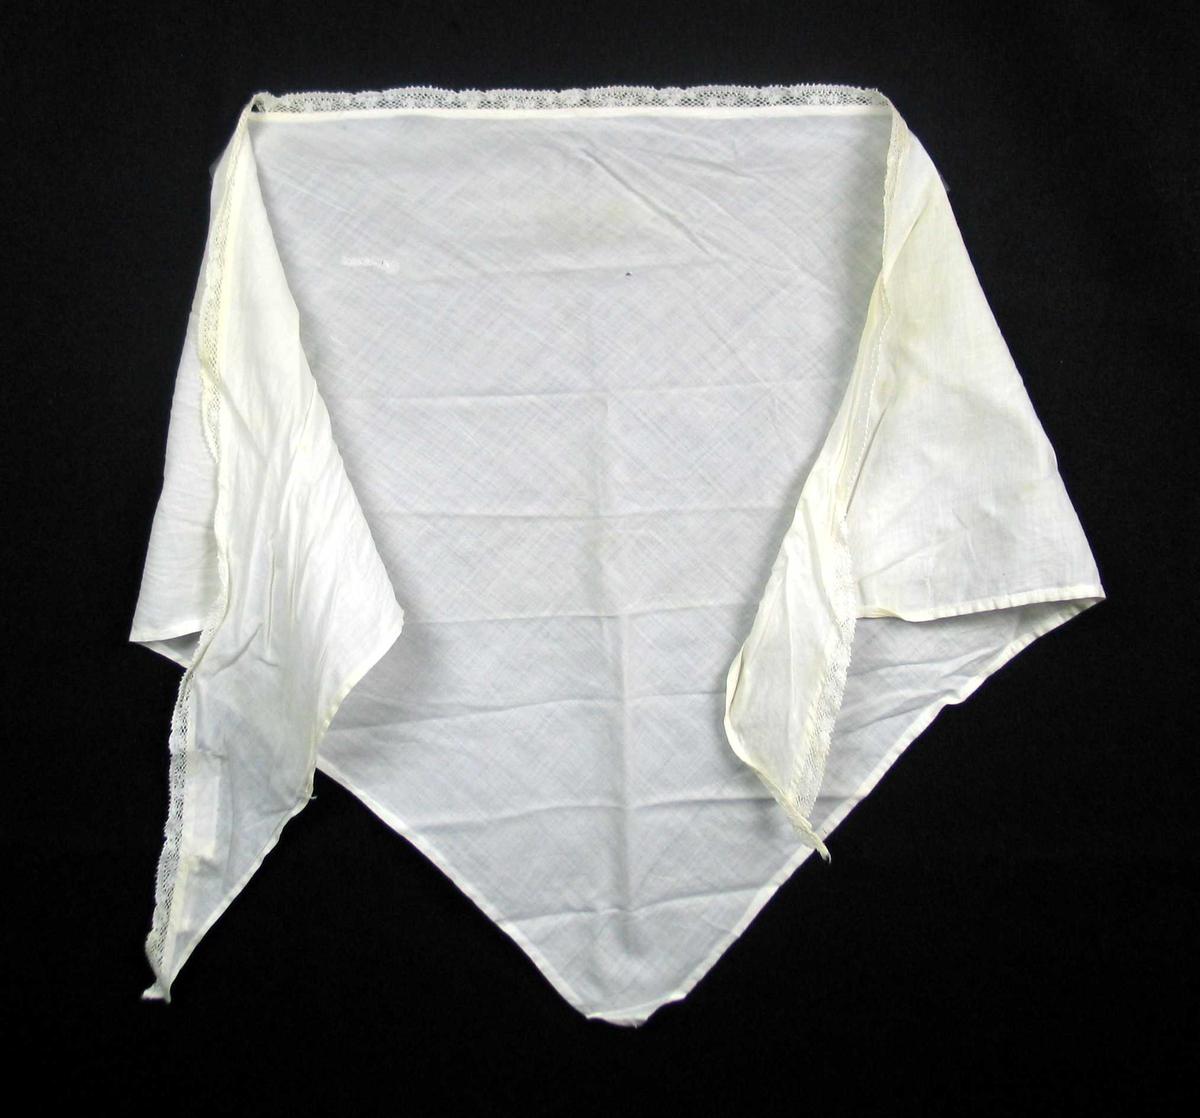 Hvitt trekantet tørkle i to-skaft vevd bomull med påsydd kniplingsblonde. Blonden er antatt maskinvevd. Tørkledet er maskinfaldet på tre sider